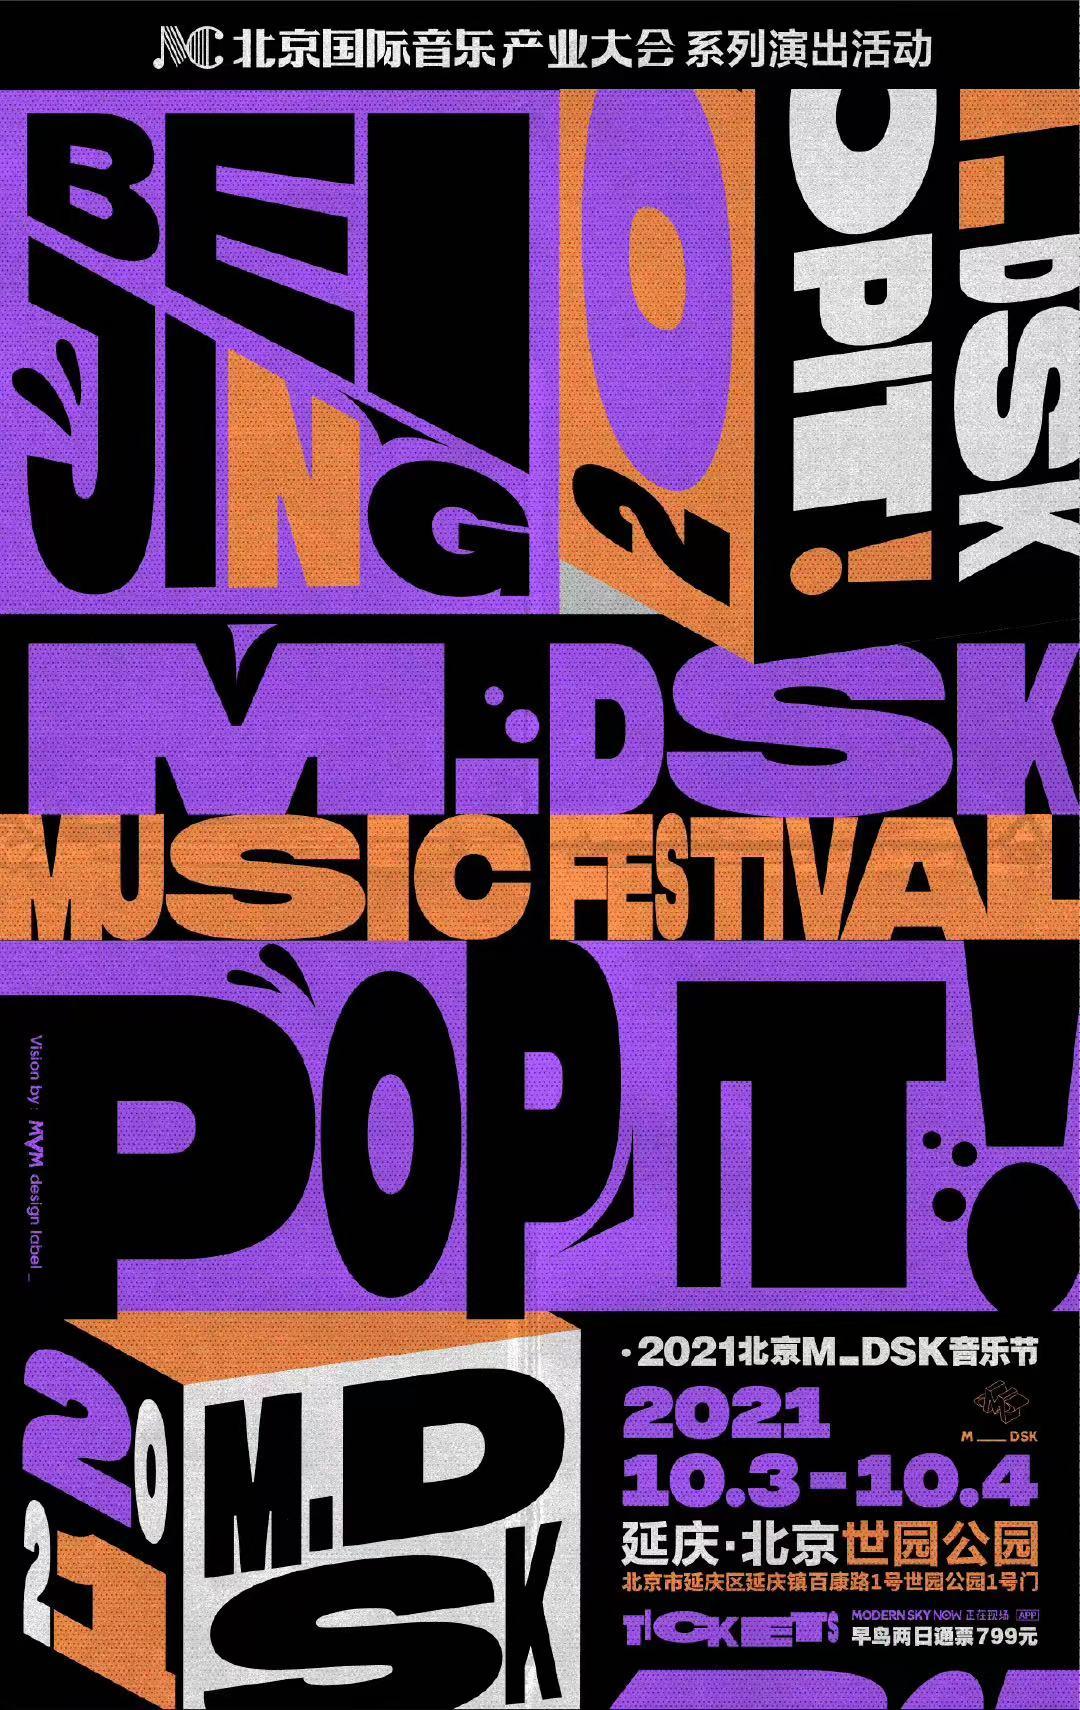 2021北京MDSK音乐节